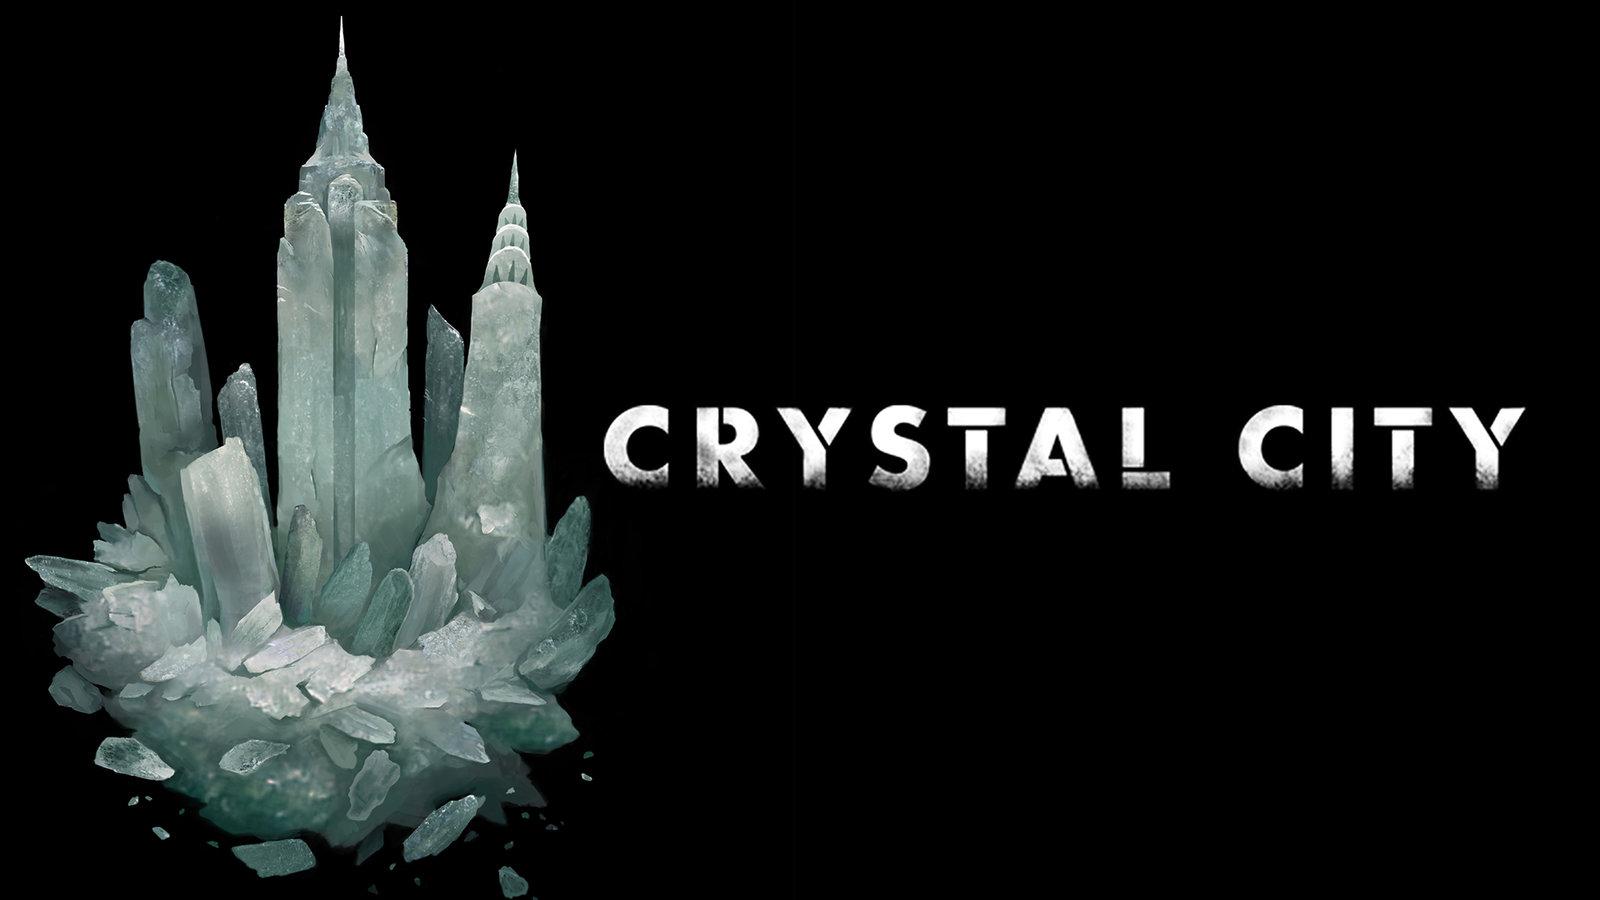 Crystal City - Crystal Meth Addiction in the New York LGBTQ Community